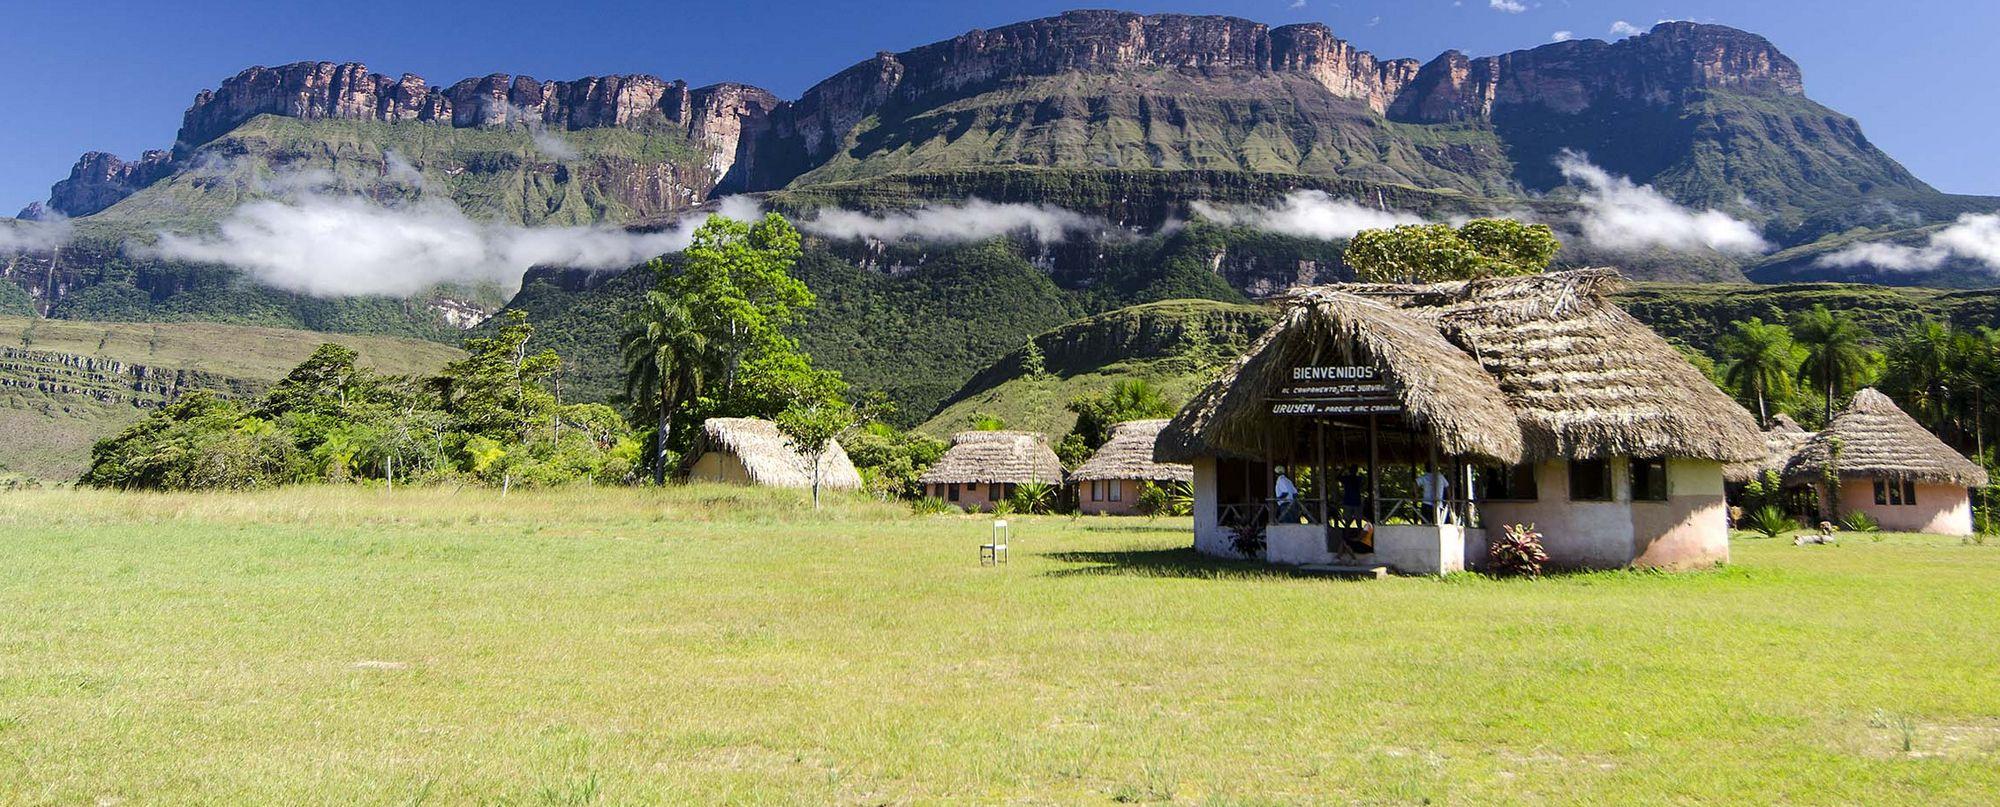 Venezuela -  Gran Sabana, Delta del Orinoco y archipiélago de Los Roques - Salidas de Junio a Noviembre